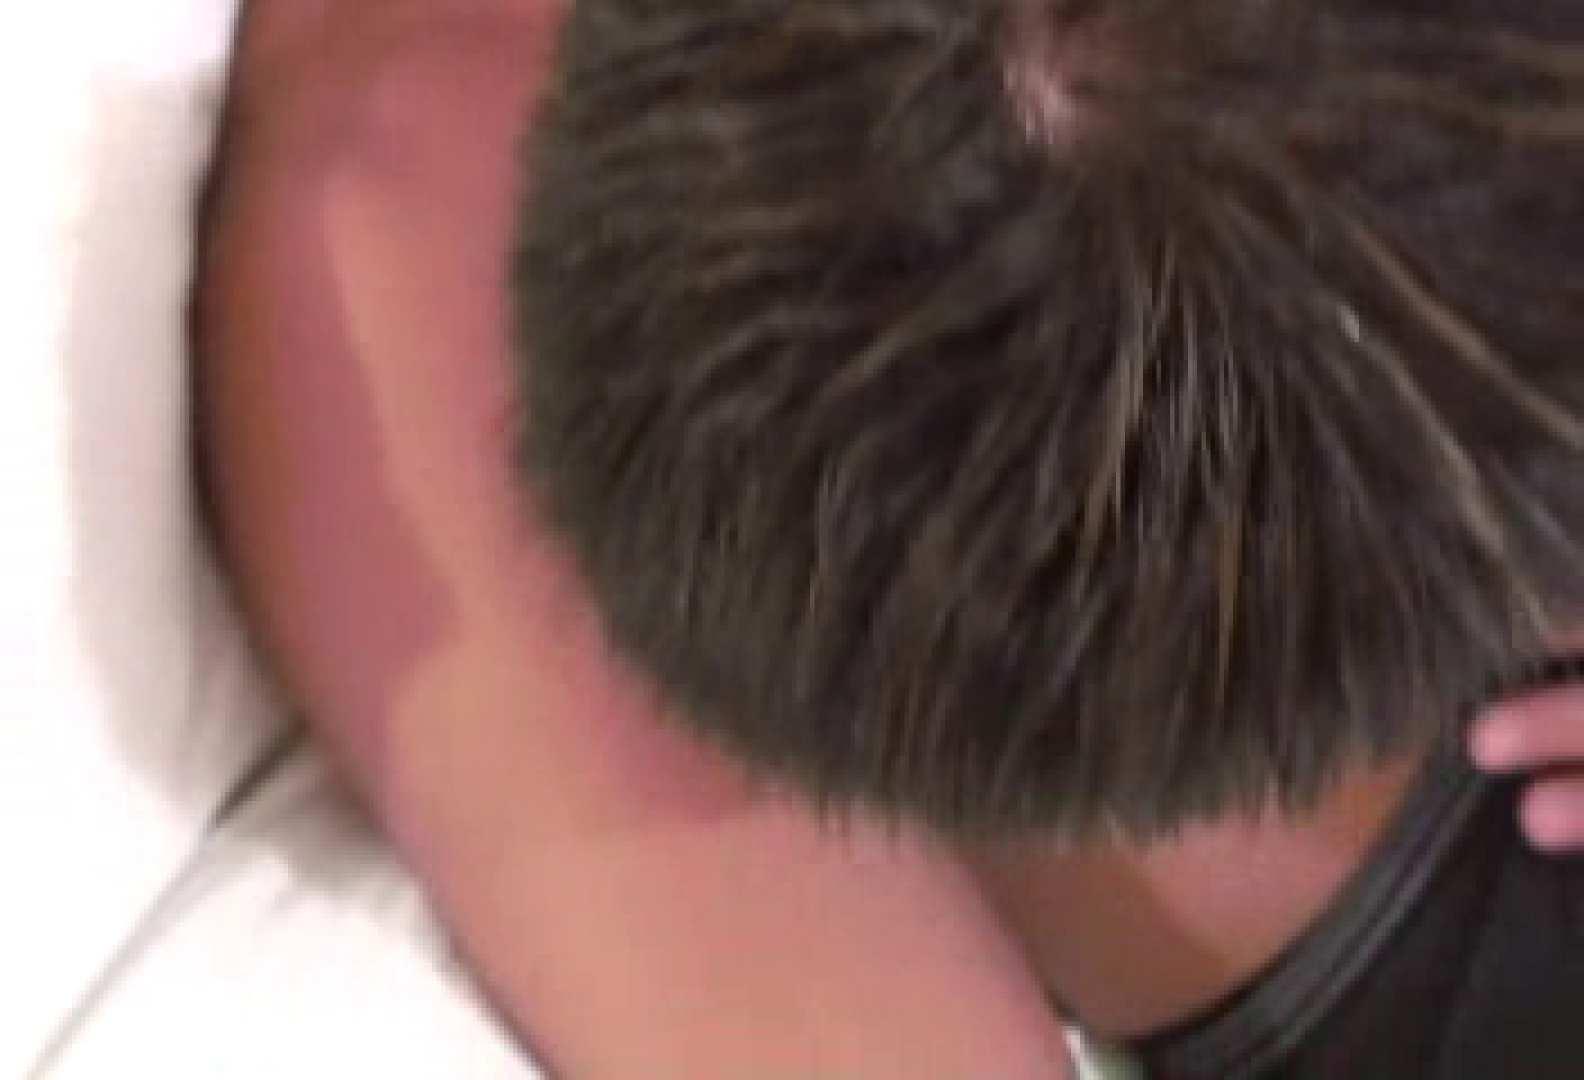 体育会系!!ノンケ肉体美メンズの挑戦!VOL.02 キス ゲイアダルトビデオ画像 107枚 47